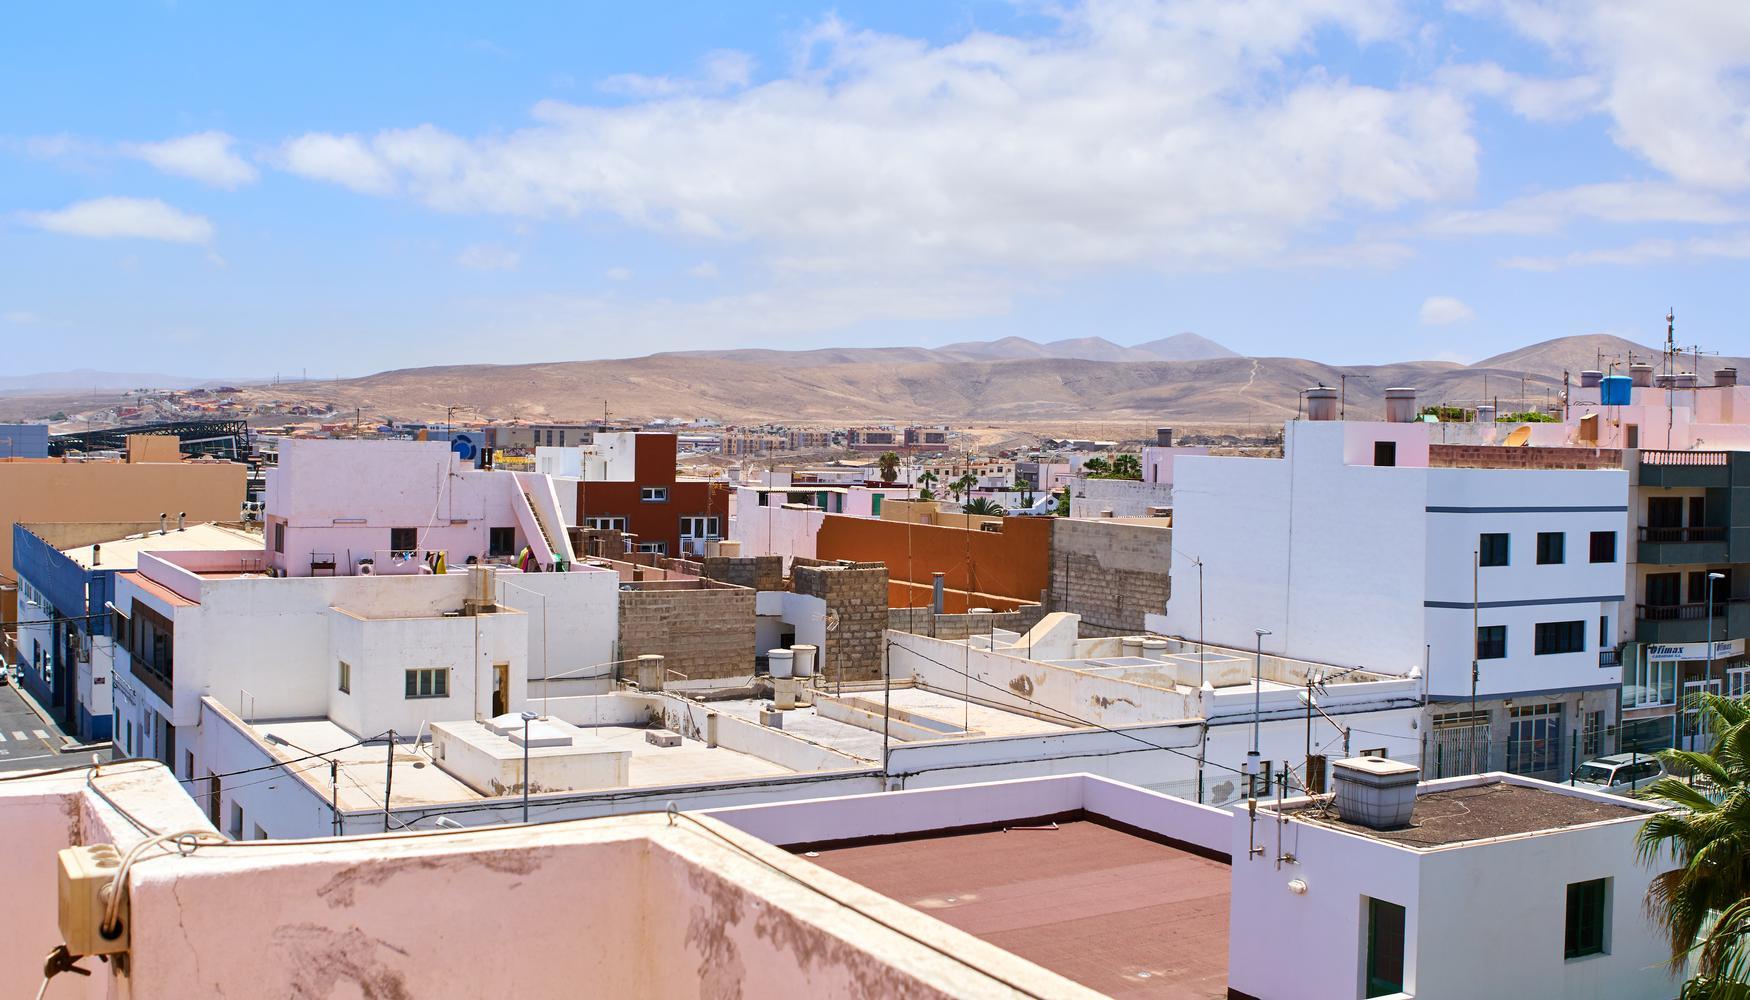 Autonoleggio a Aeroporto di Puerto del Rosario Fuerteventura